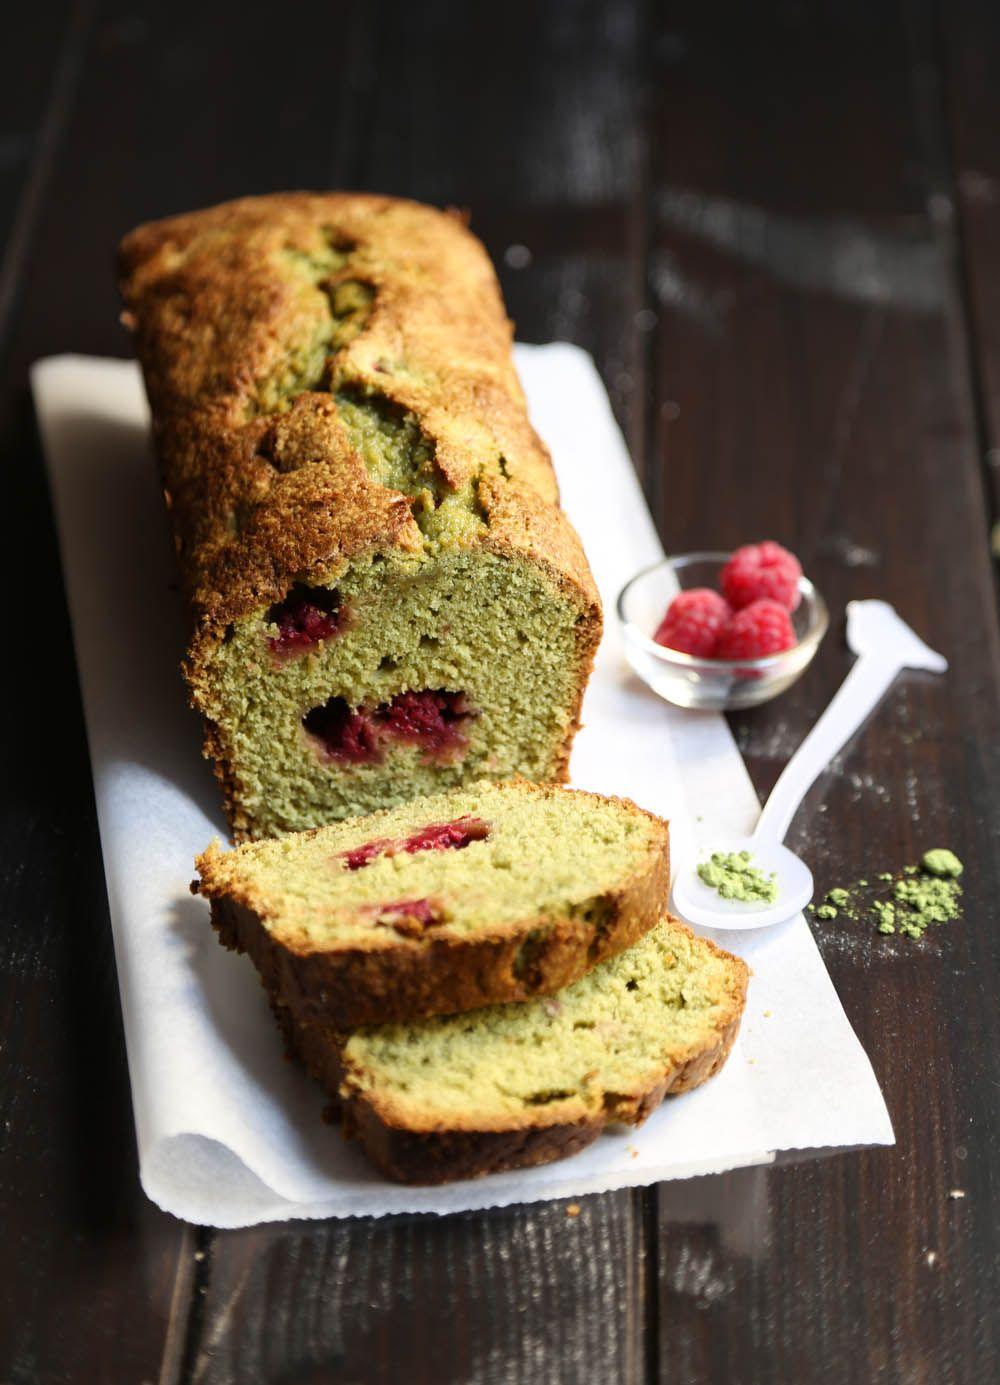 cake au th vert matcha et framboises 260g de farine 20g de poudre d amandes 300g de sucre en. Black Bedroom Furniture Sets. Home Design Ideas